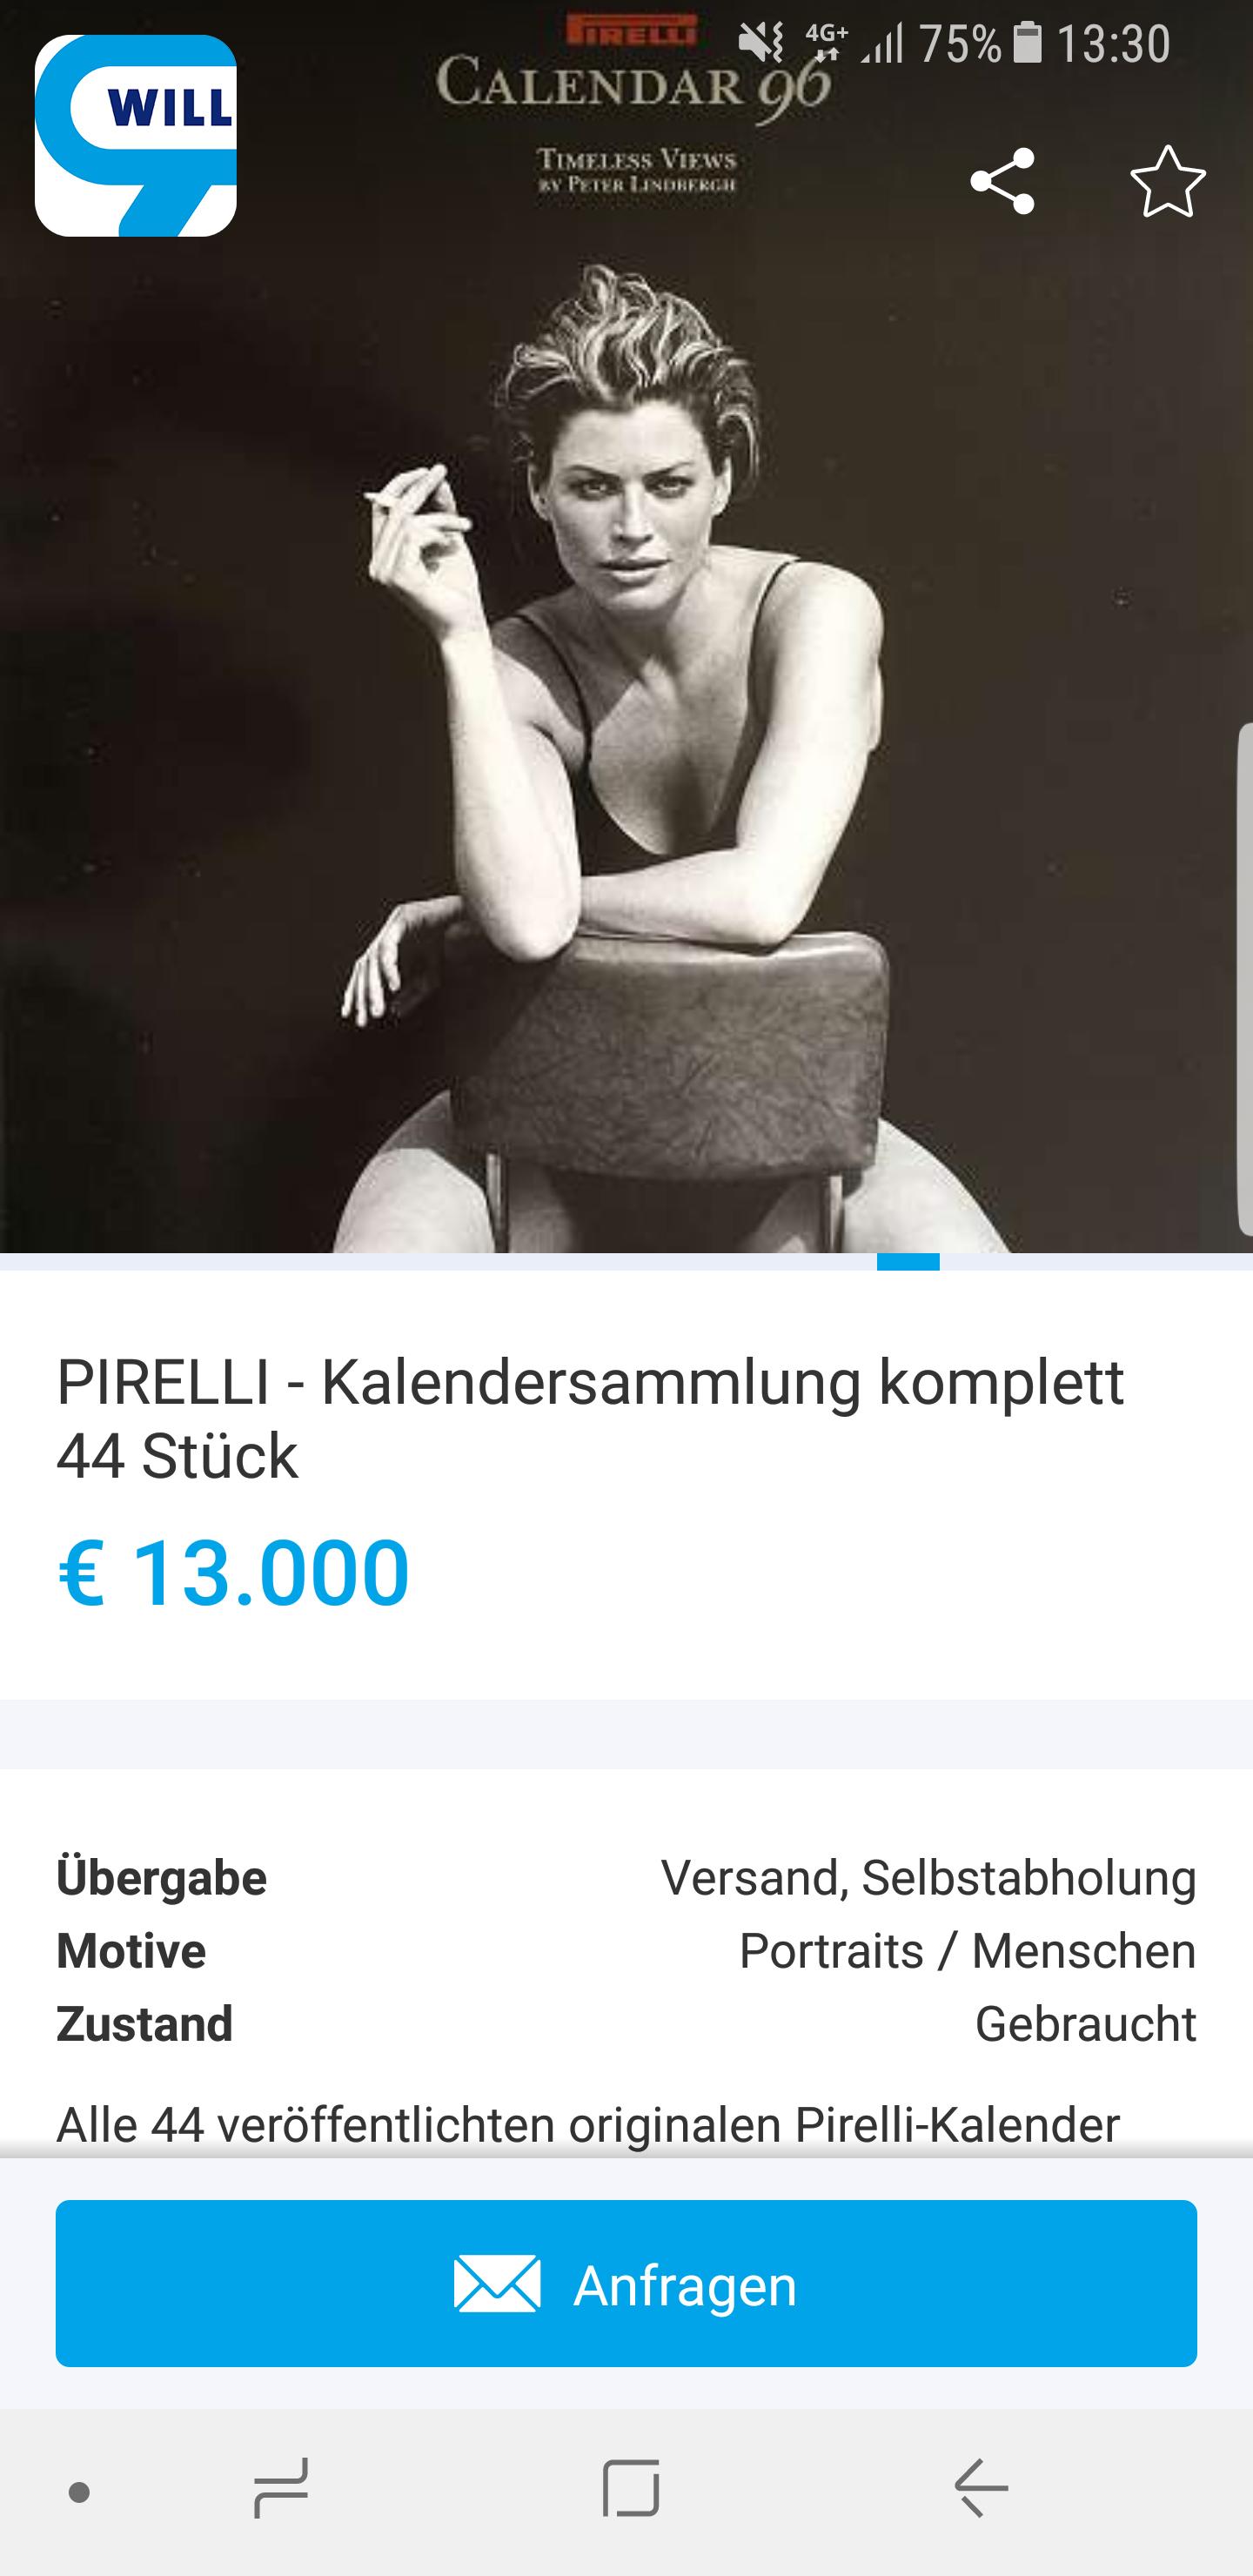 Pirelli Kalender 2021 Kaufen / Pirelli Kalender 2020 Das